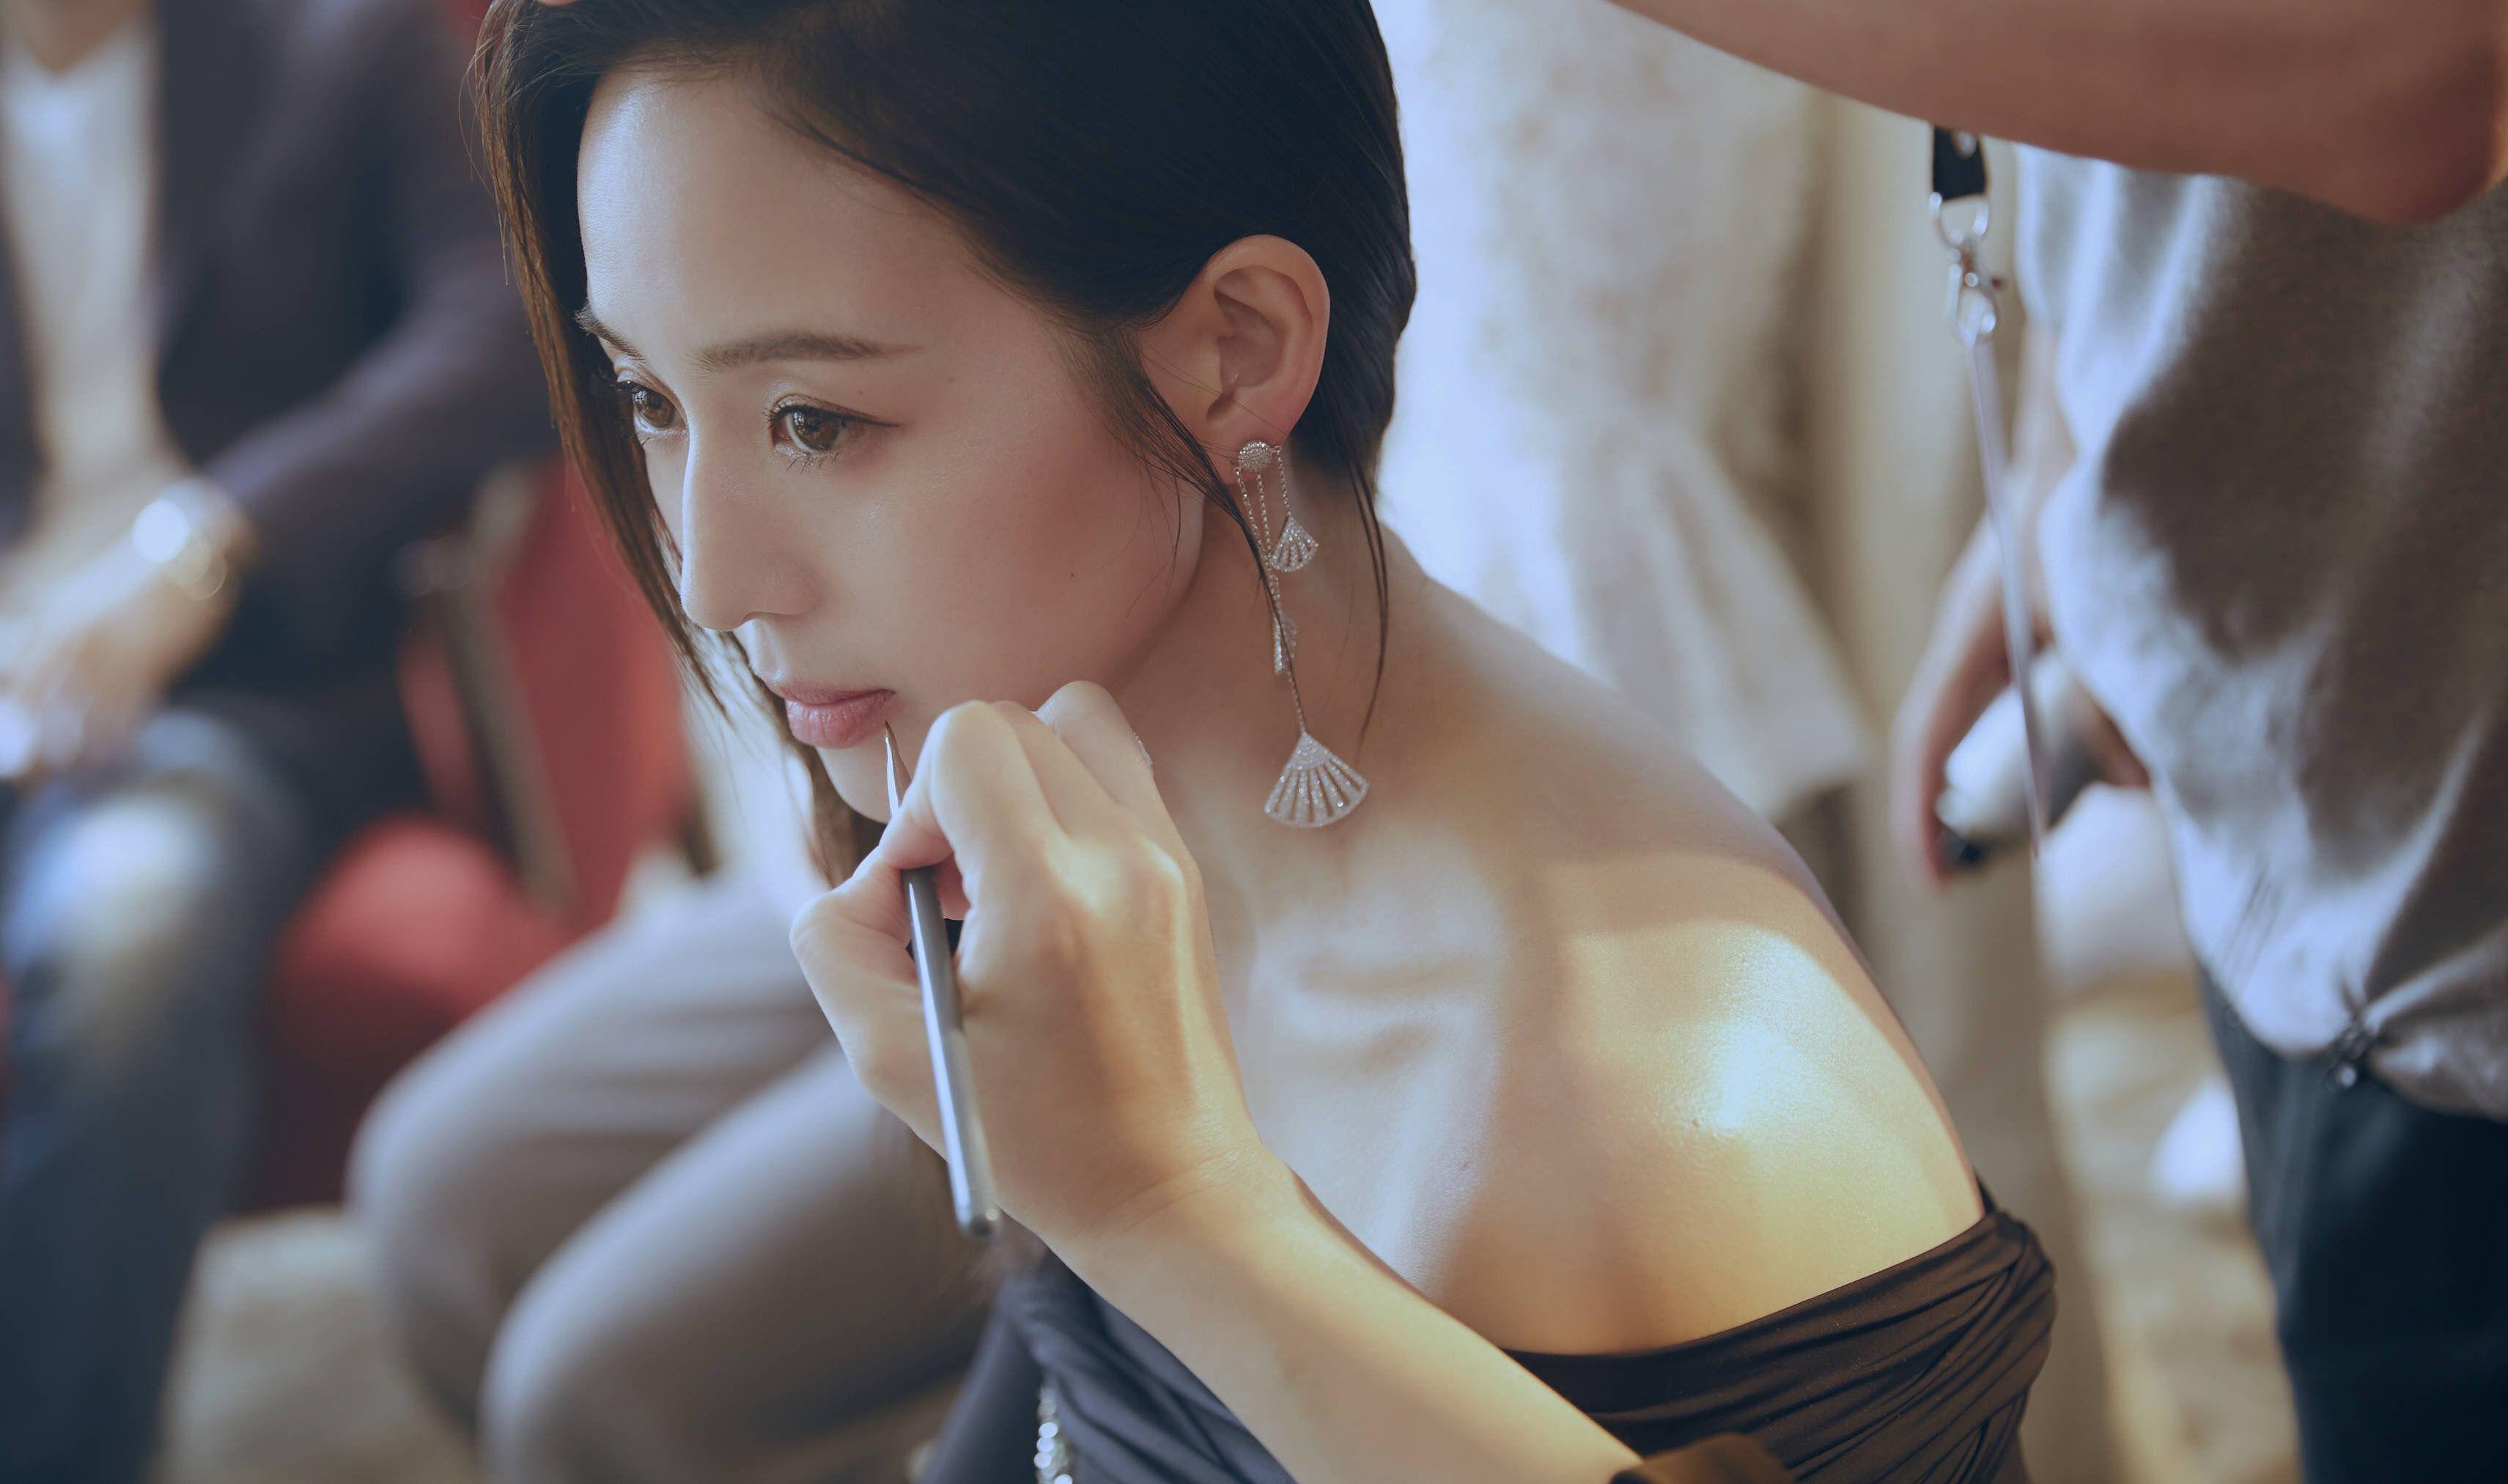 39岁张钧甯,气质如兰X感迷人,女神真是越来越有味道了